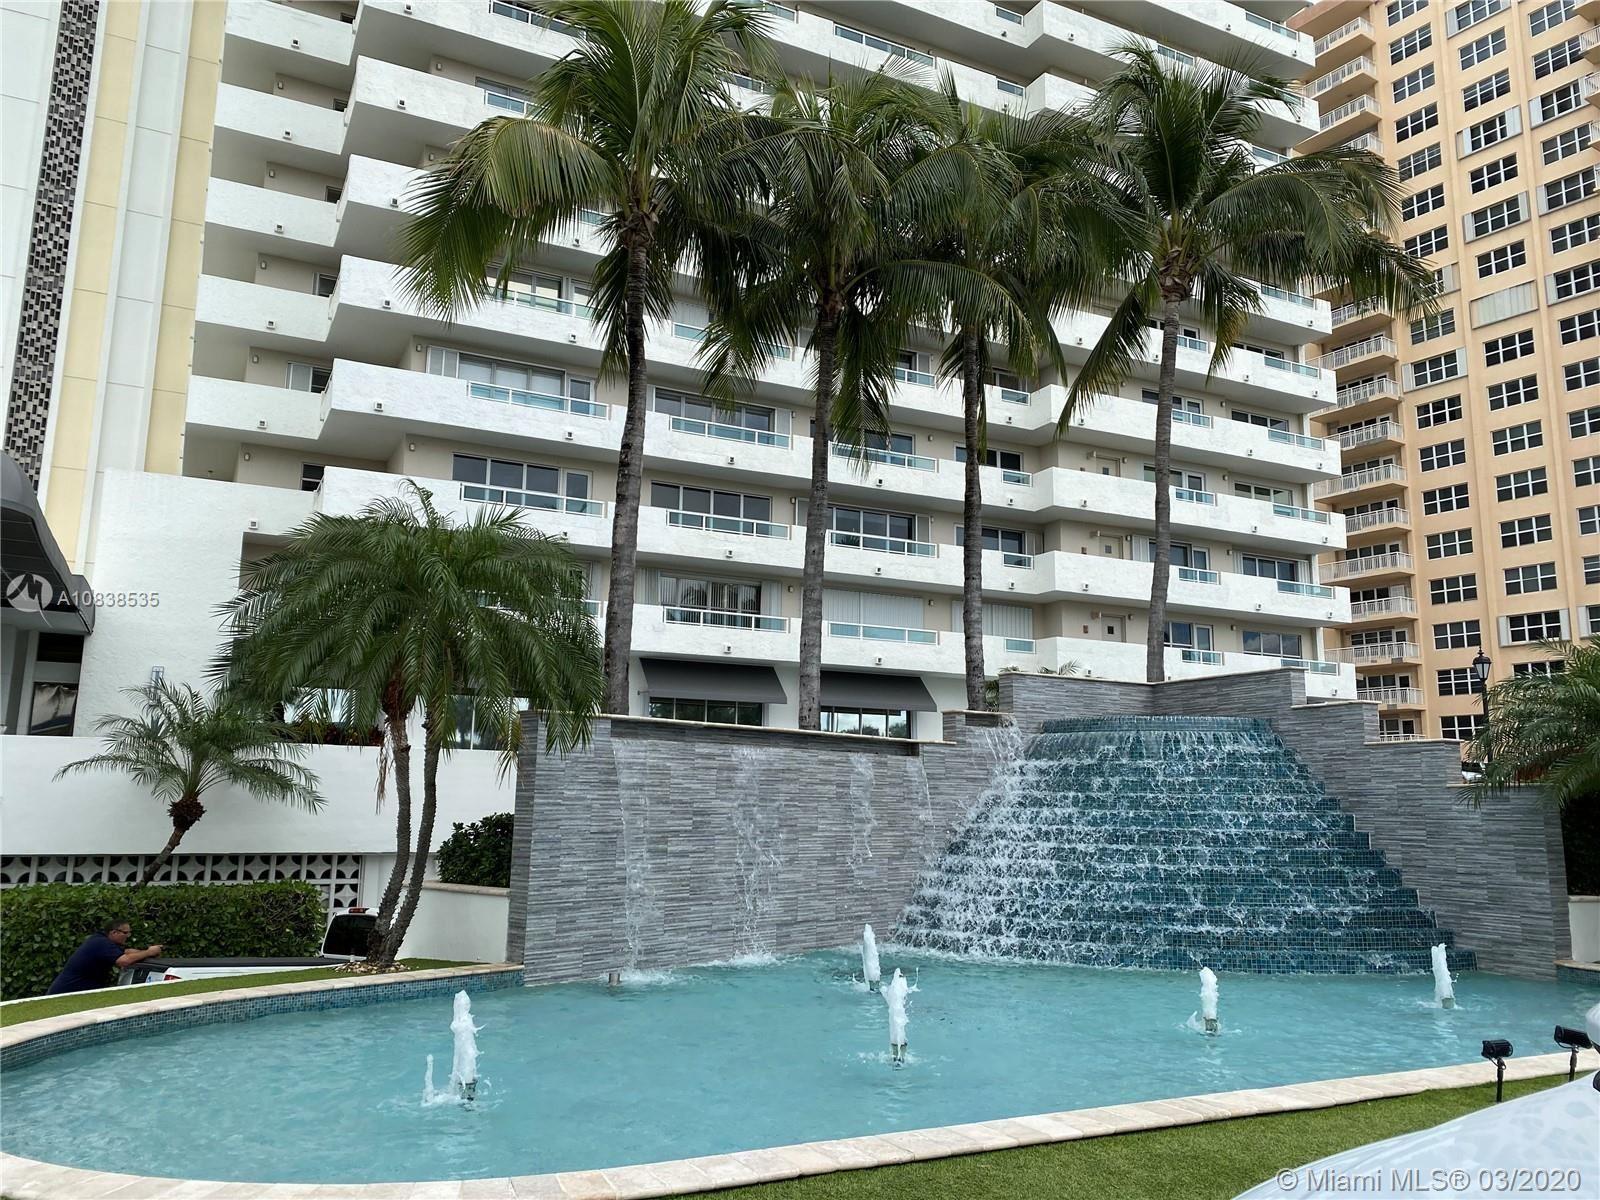 Photo for 3900 Galt Ocean Dr #2214, Fort Lauderdale, FL 33308 (MLS # A10838535)